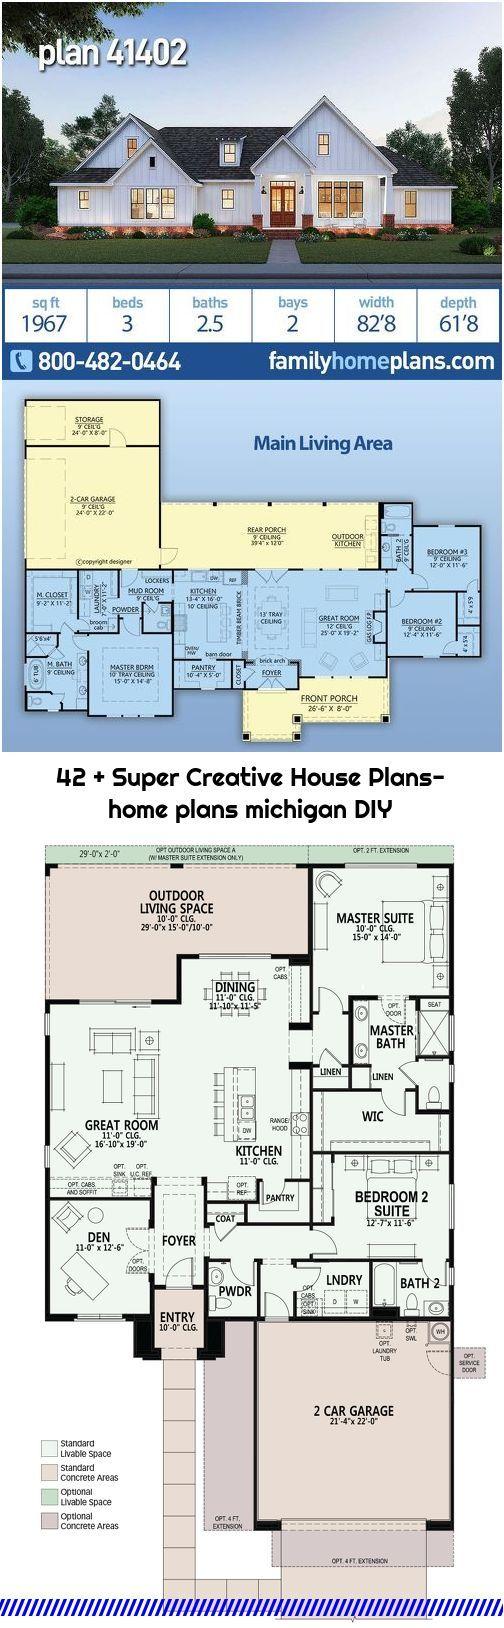 42 Super Creative House Plans Home Plans Michigan Diy House Plans Farmhouse House Plans Family House Plans